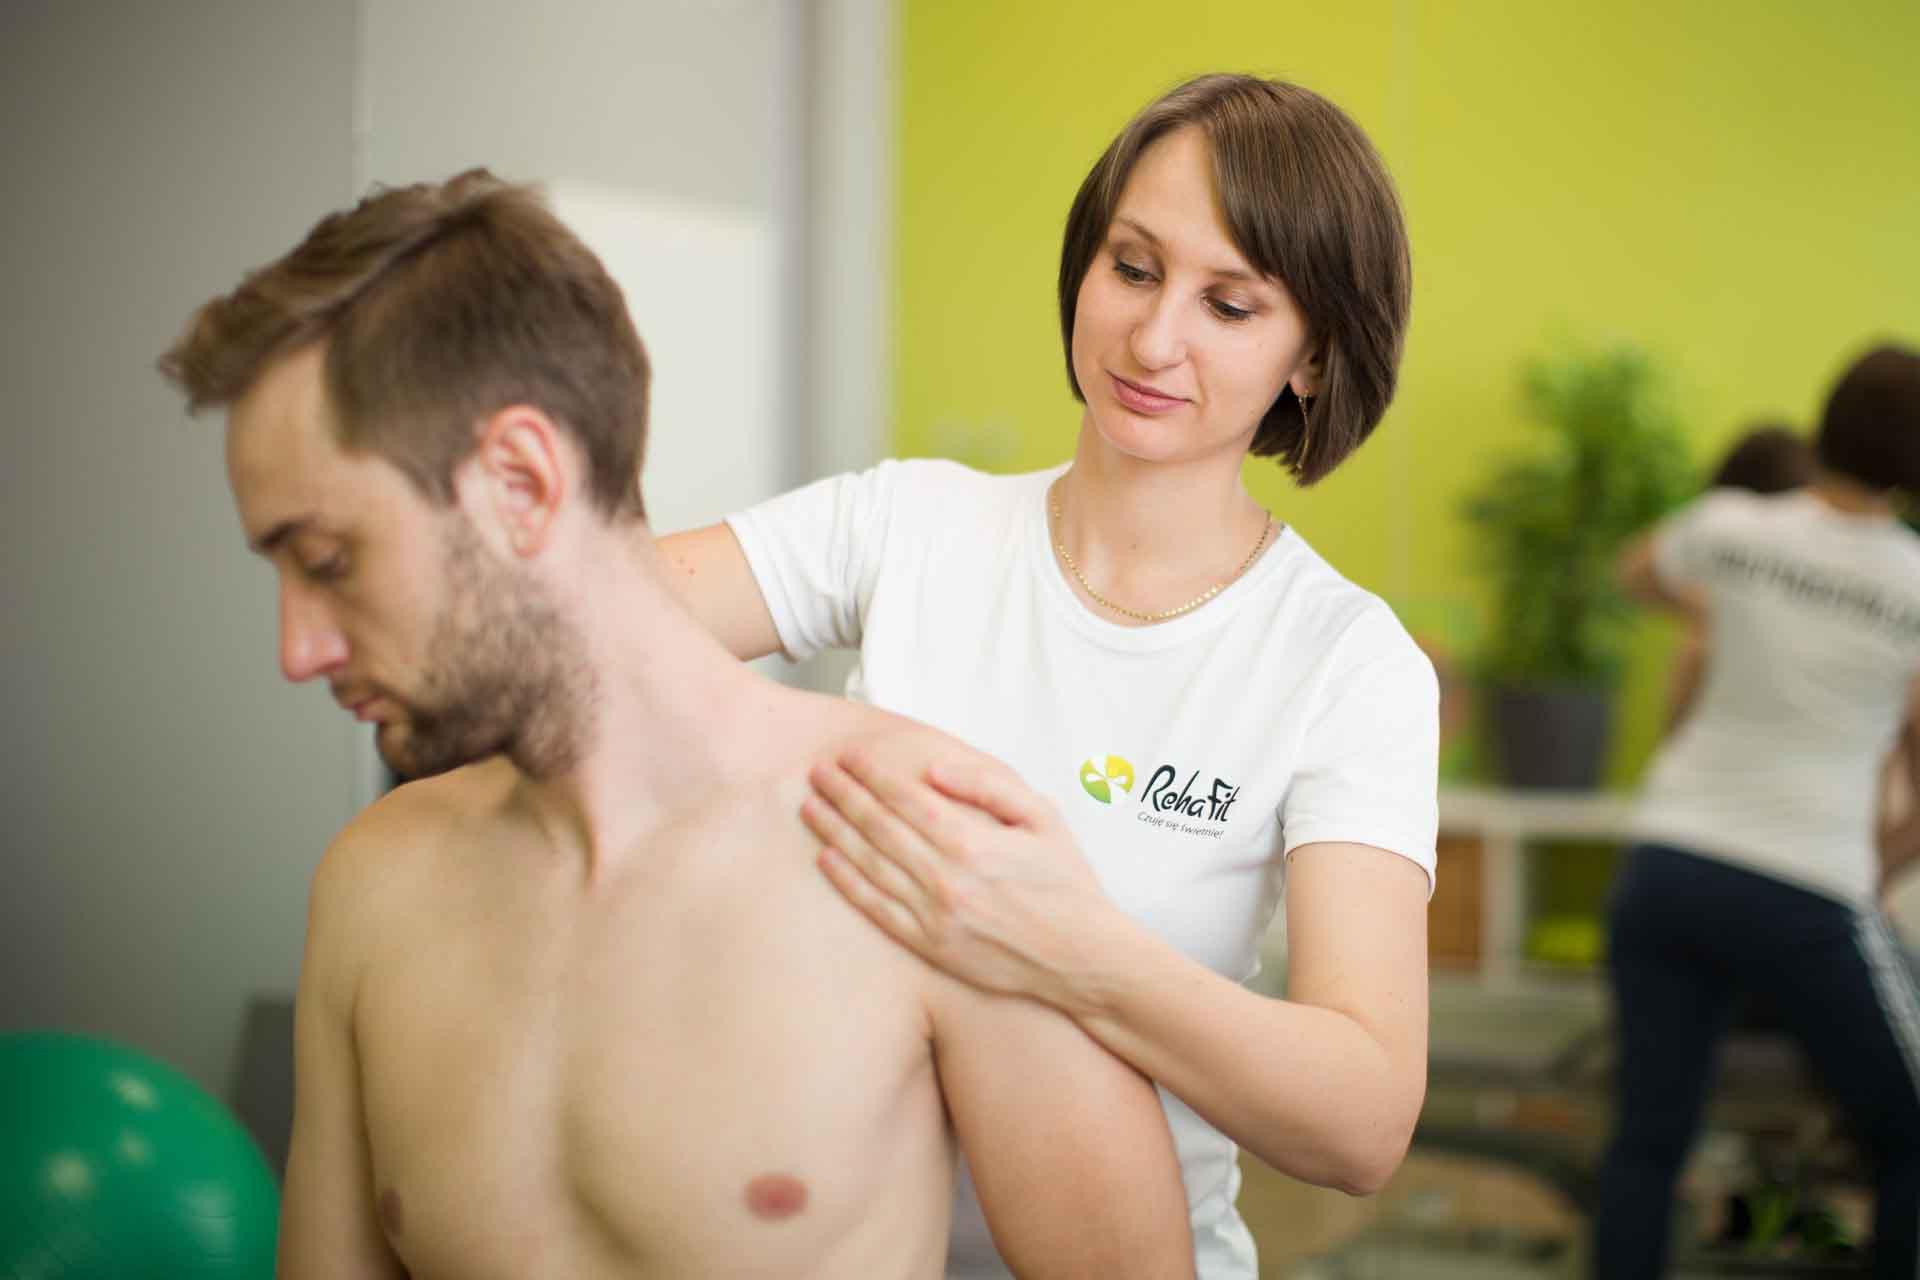 Fizjoterapeutka podczas rehabilitacji odcinka szyjnego kręgosłupa w centrum RehaFit we Wrocławiu.